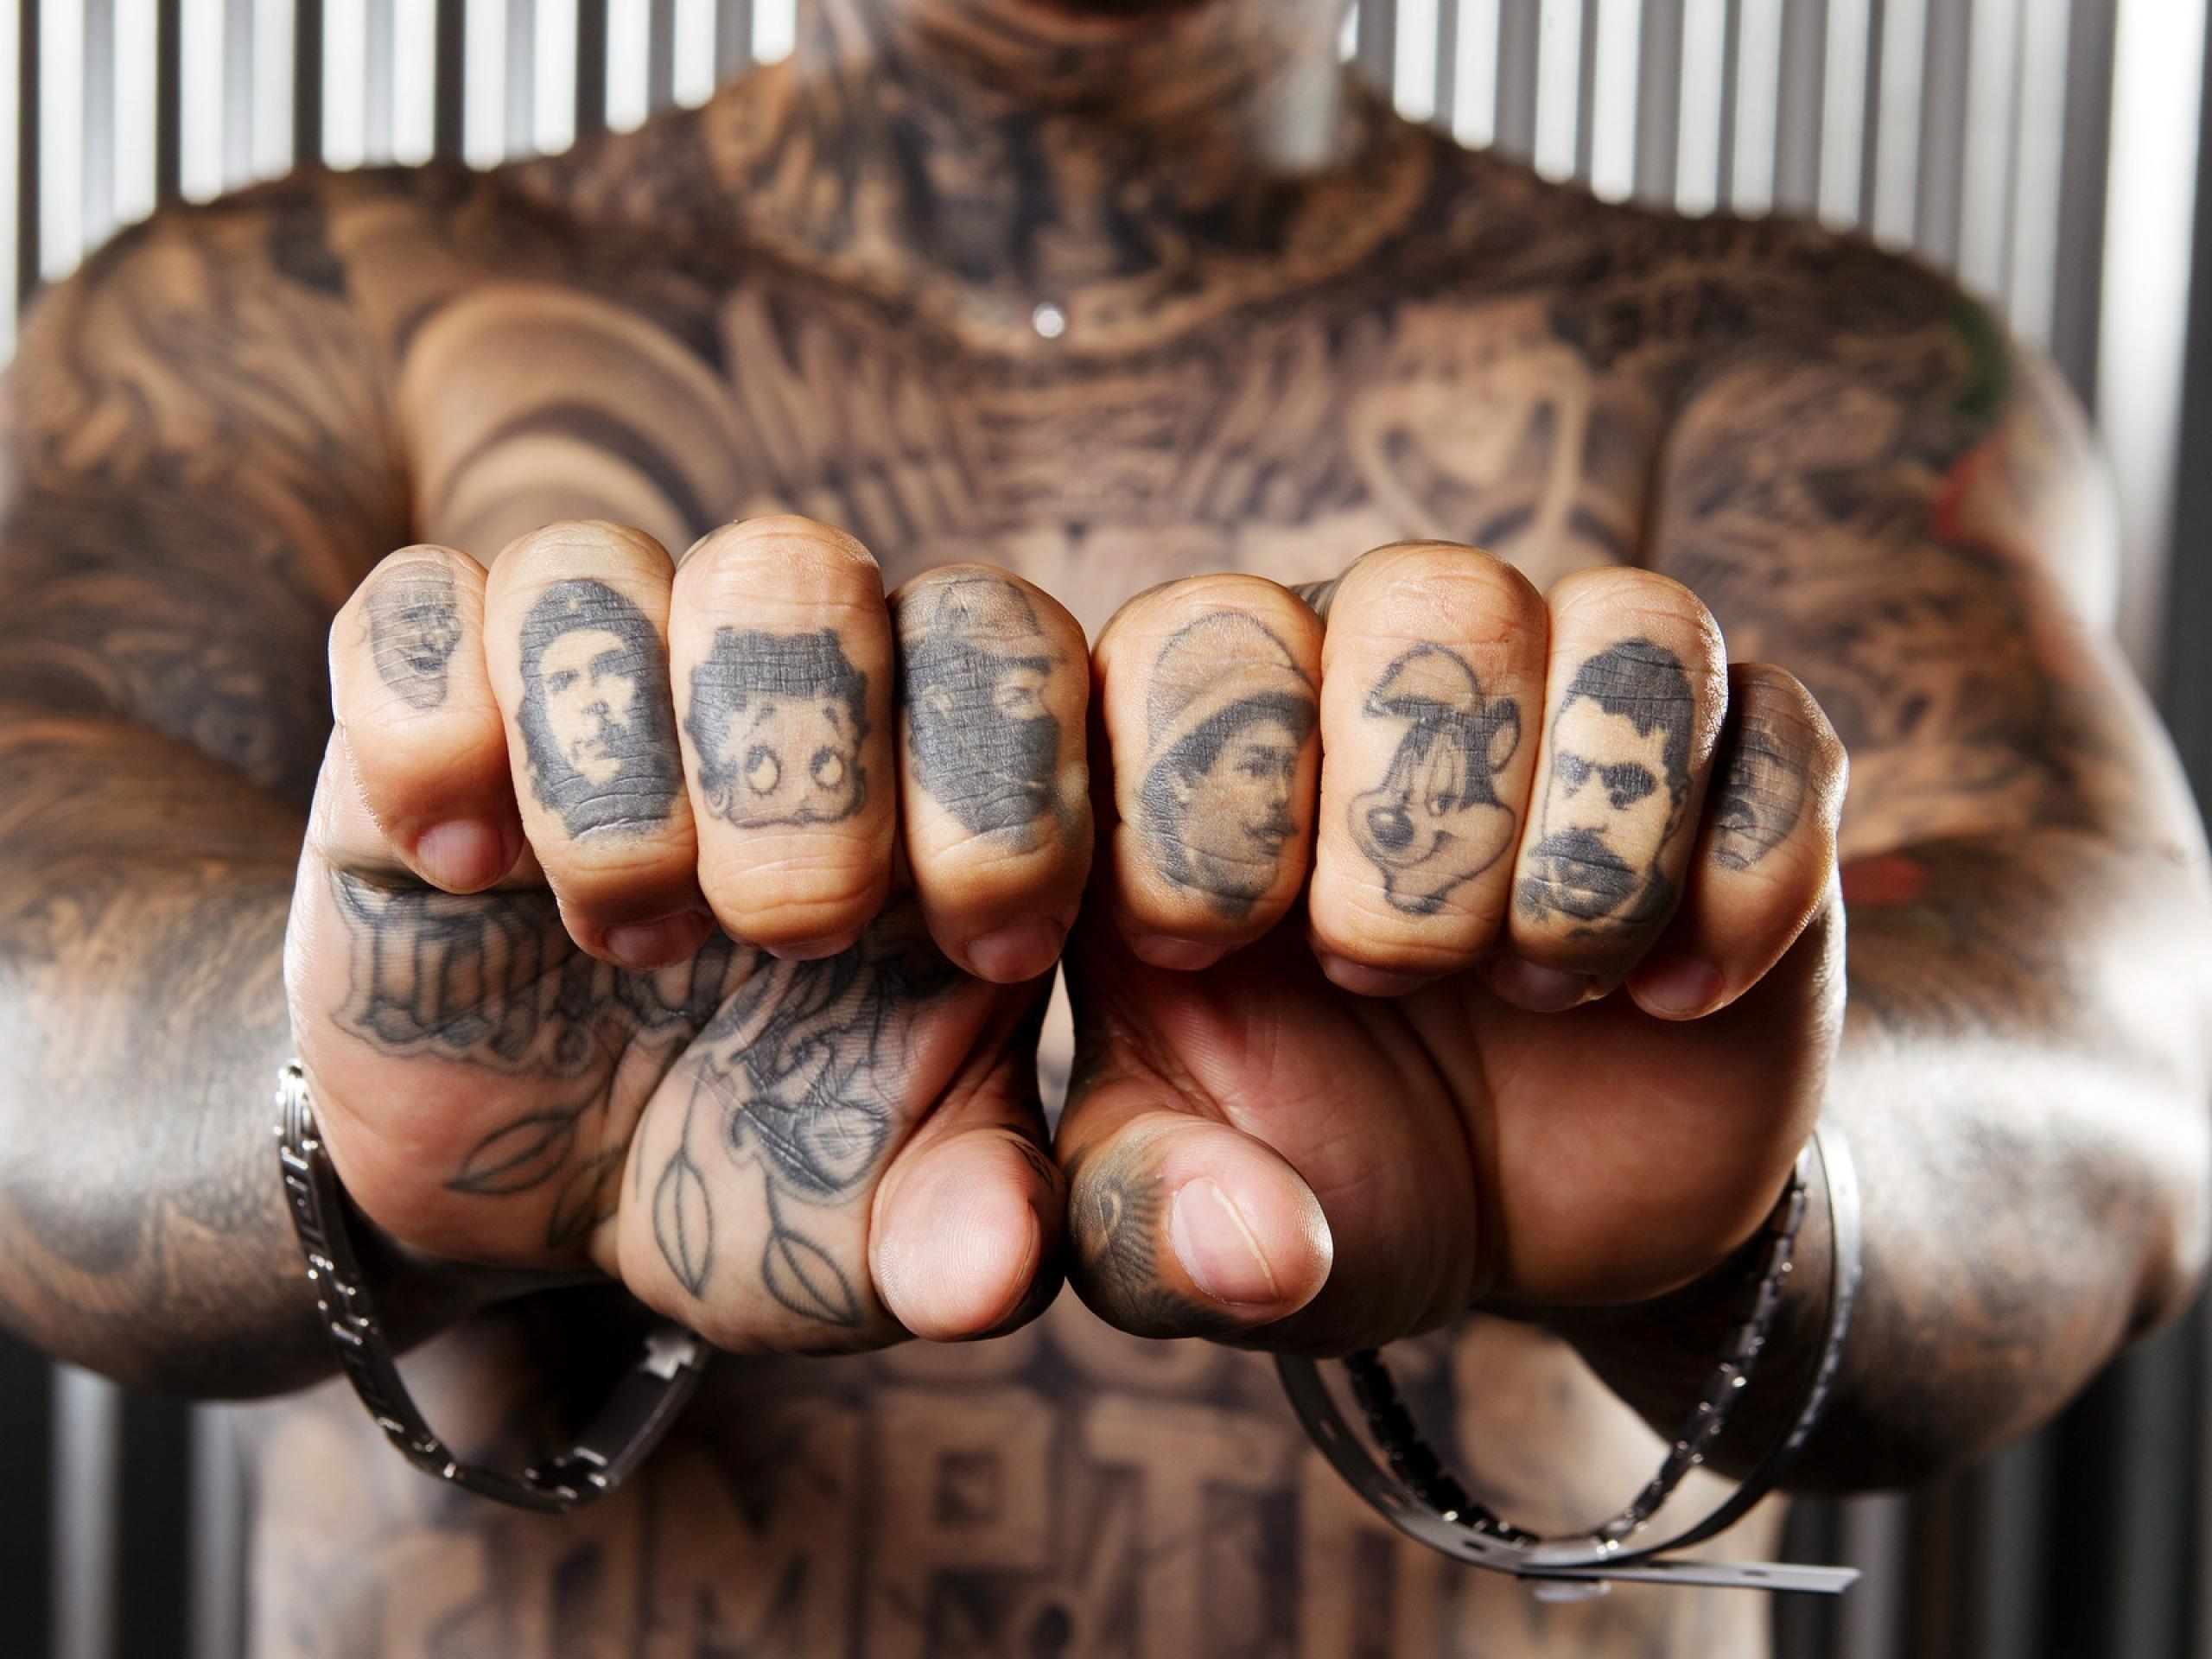 … Tattoo Men Hd 17 Tumblr Static Ideas 2 .jpg …